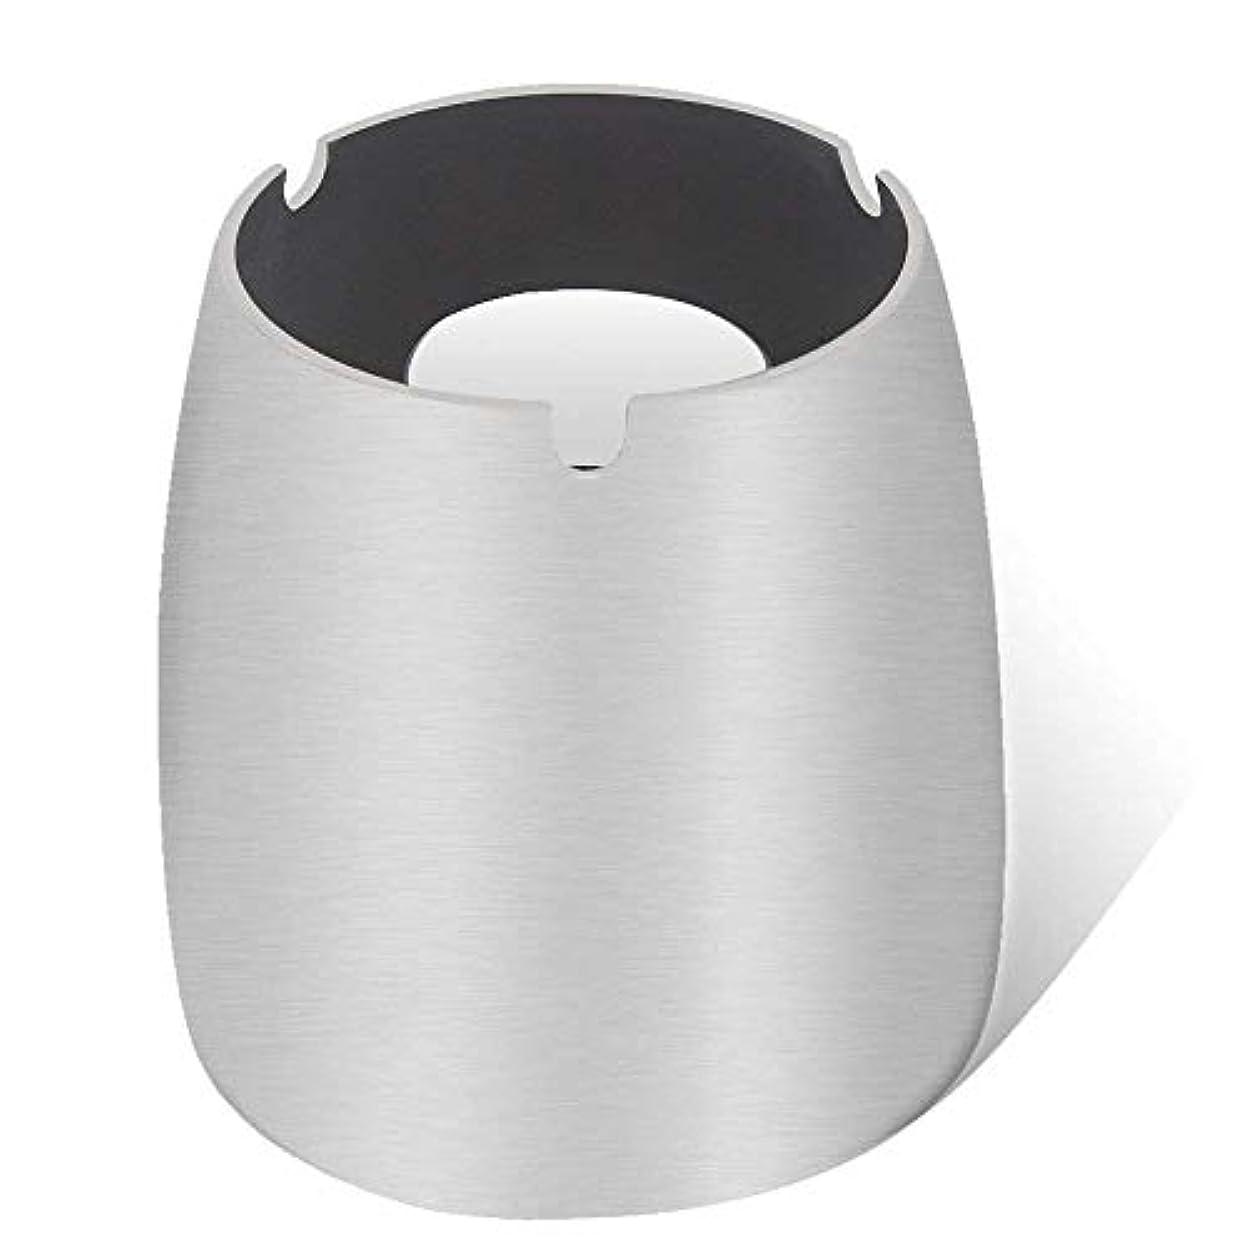 溶ける適応苦味灰皿、ステンレススチール風灰皿タンブルカップ、屋内または屋外用、ガーデンバルコニーシルバー